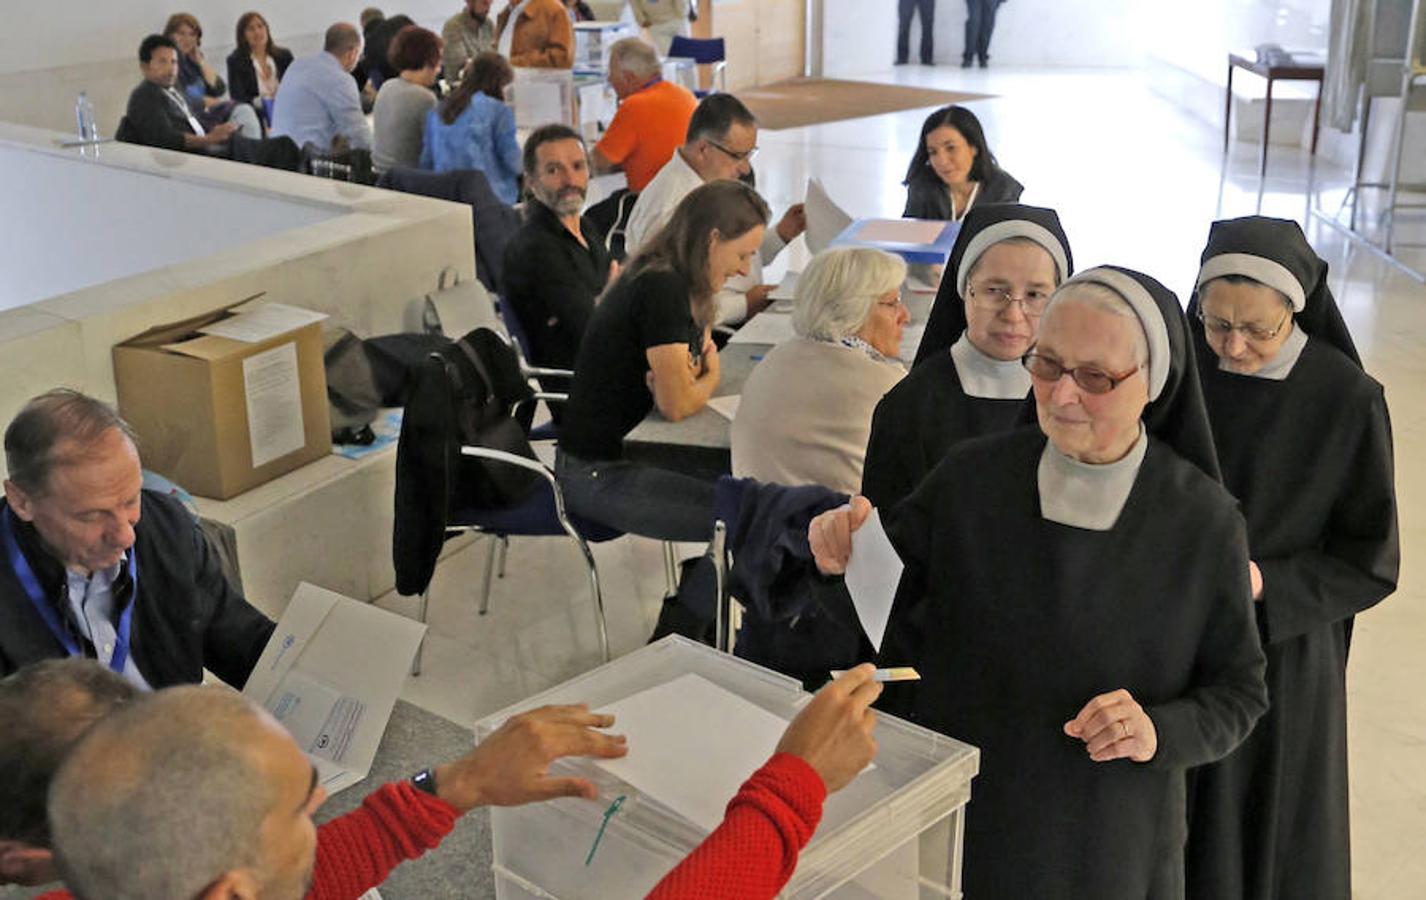 Un grupo de religiosas vota en un colegio electoral, durante la jornada en que Galicia celebra las elecciones autonómicas.